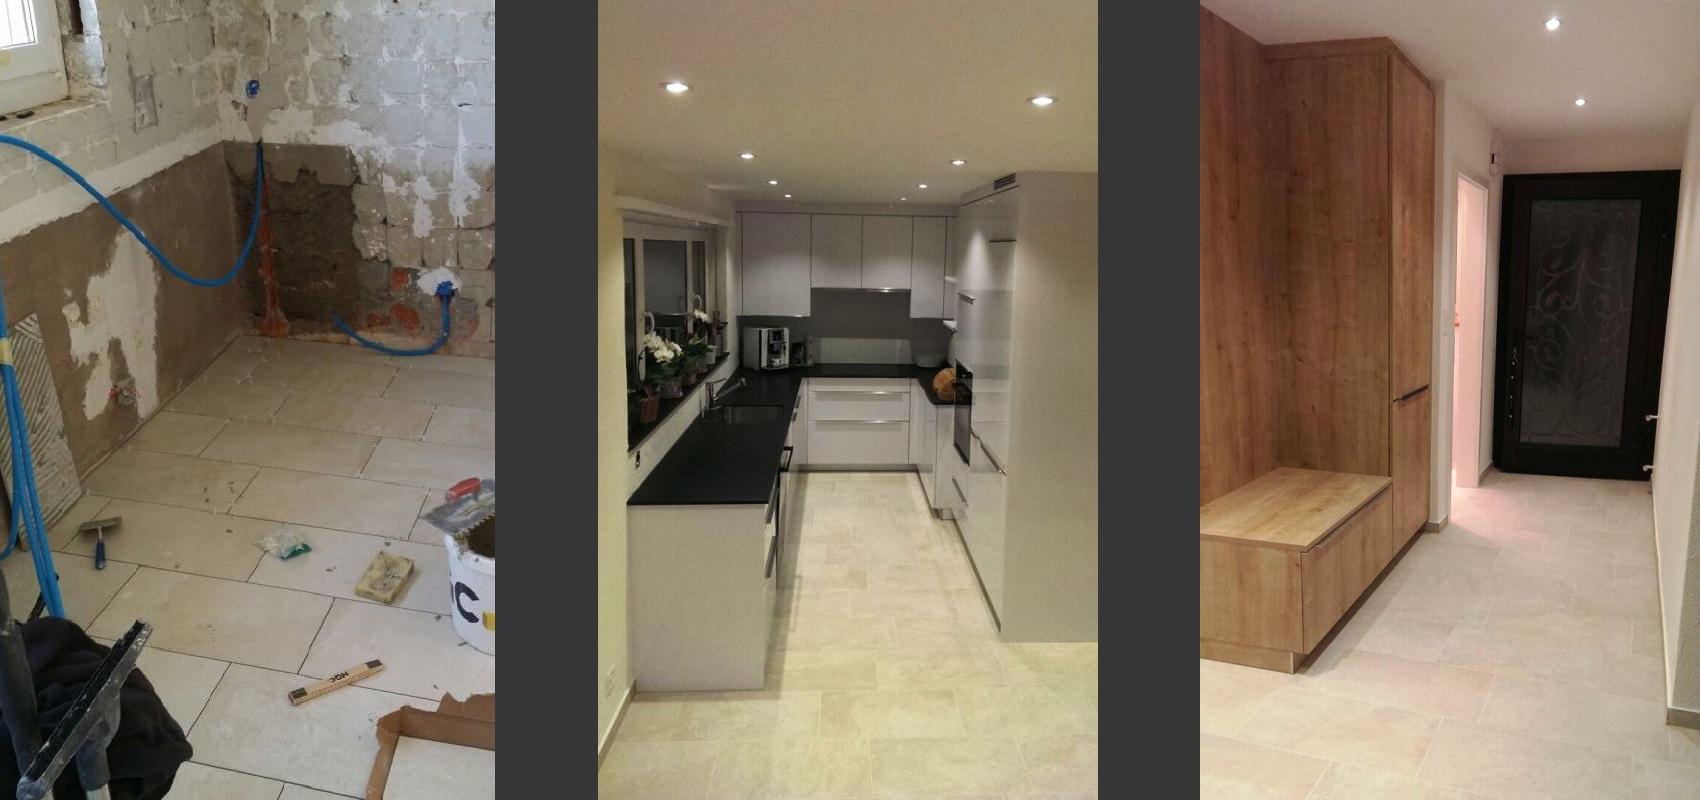 Ungewöhnlich Küchenmöbelknöpfe Melbourne Ideen - Ideen Für Die Küche ...